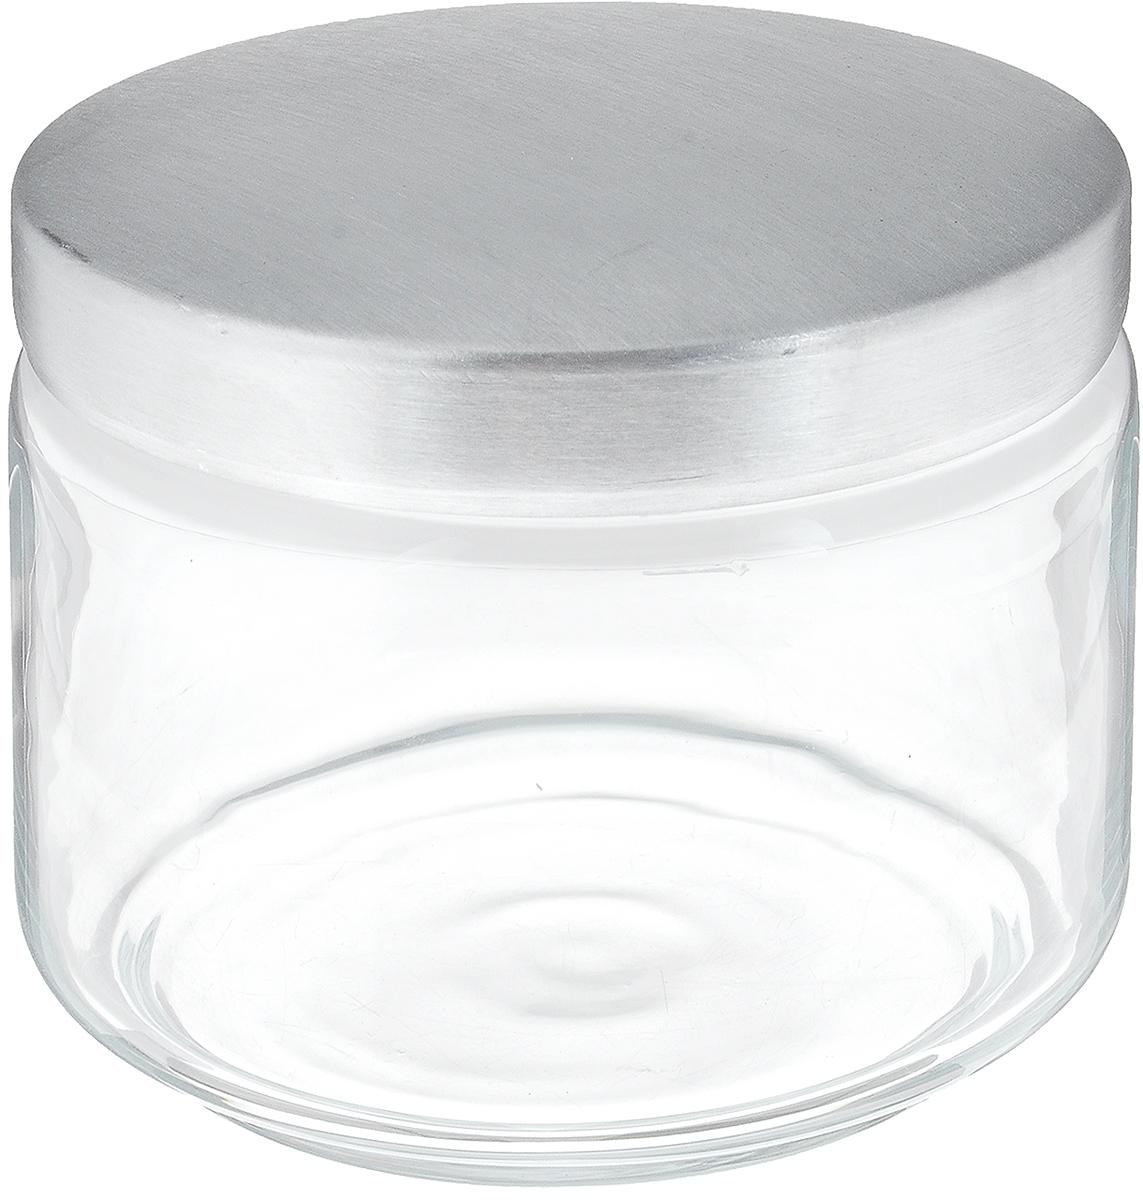 Банка для сыпучих продуктов Luminarc Boxmania, 500 млVT-1520(SR)Банка Luminarc Boxmania изготовлена из высококачественного стекла. Емкость подходит для хранения сыпучих продуктов: круп, специй, сахара, соли. Она снабжена металлической крышкой, которая плотно и герметично закрывается, дольше сохраняя аромат и свежесть содержимого. Банка Luminarc Boxmania станет полезным приобретением и пригодится на любой кухне.Высота банки (без учета крышки): 8 см.Диаметр банки (по верхнему краю): 9,5 см.Объем банки: 500 мл.